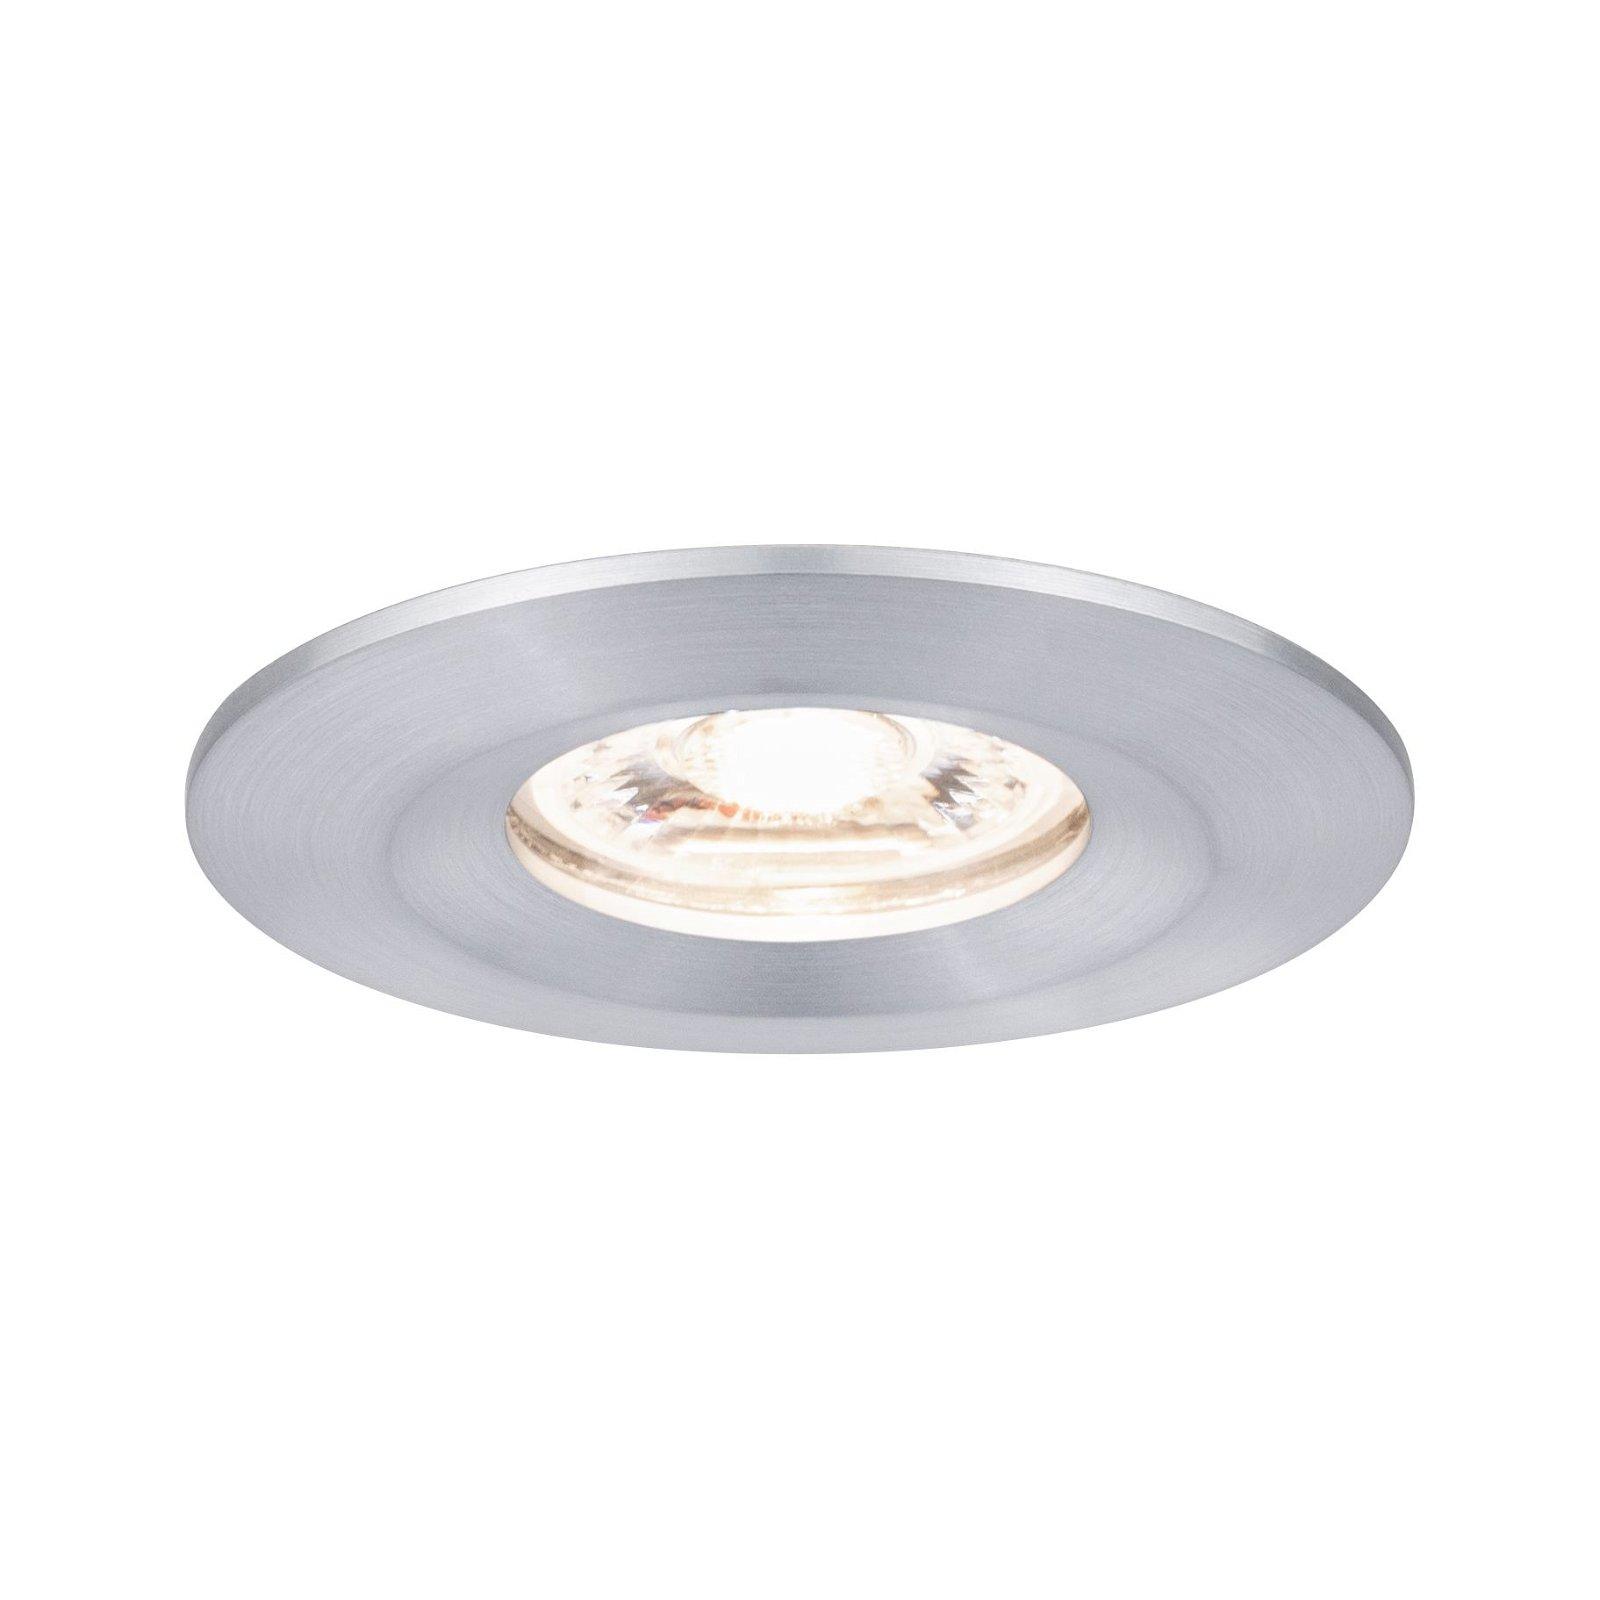 LED Einbauleuchte Nova Mini Coin Einzelleuchte starr IP44 rund 65mm Coin 4W 310lm 230V 2700K Alu gedreht